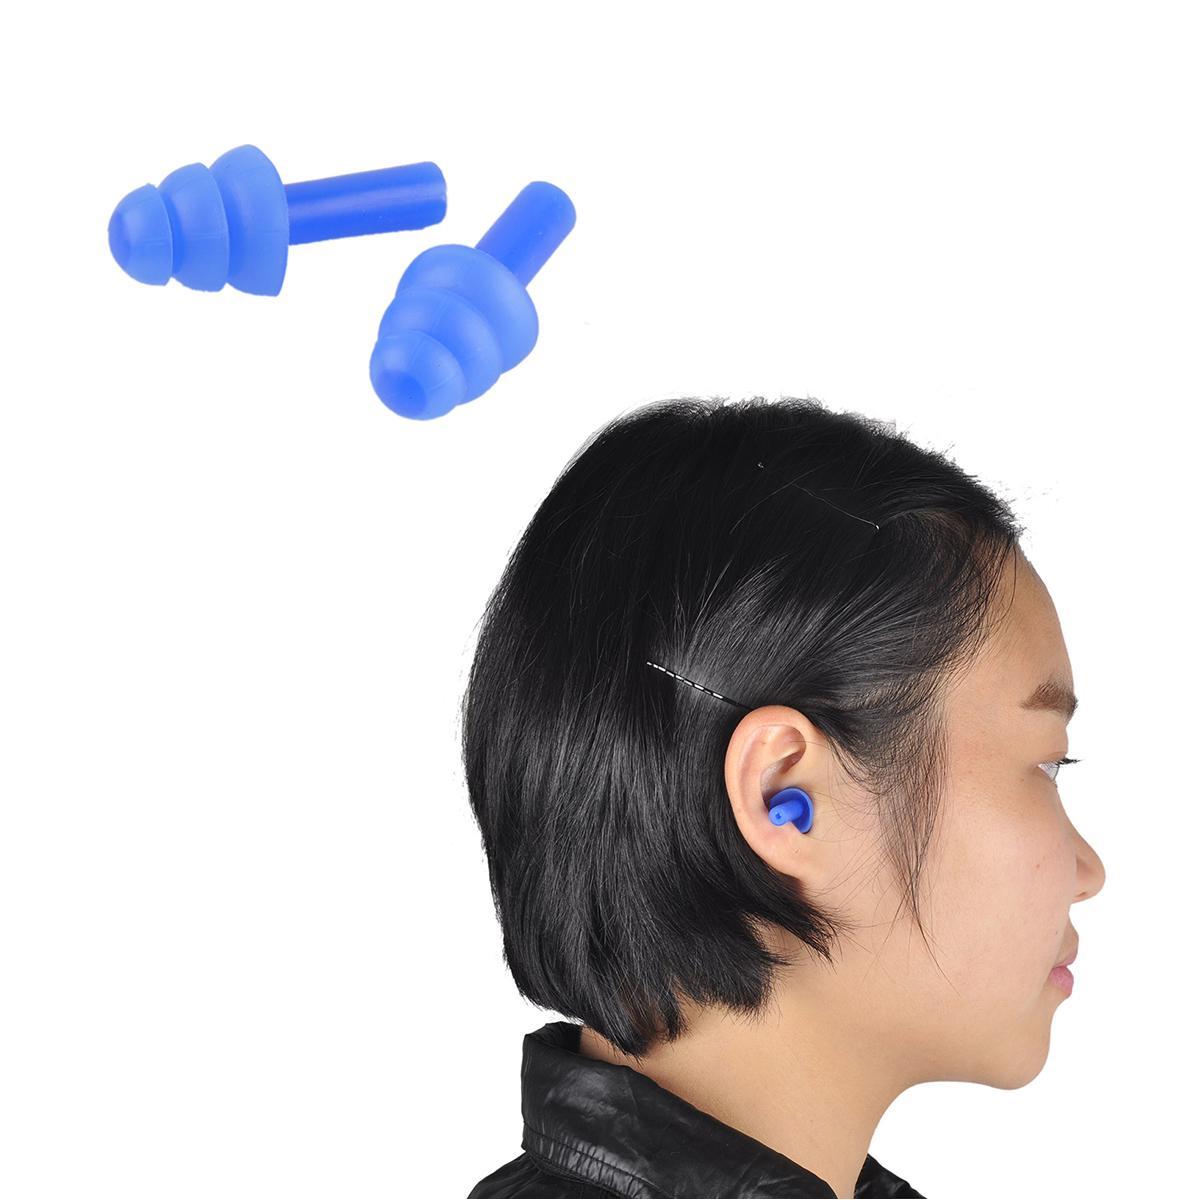 Tappi le orecchie in schiuma morbida Isolamento acustico Tappi le orecchie Protezione anti-rumore Tappi dormire schiuma da viaggio Soft Noise Reduction 2 pz / set 0613029